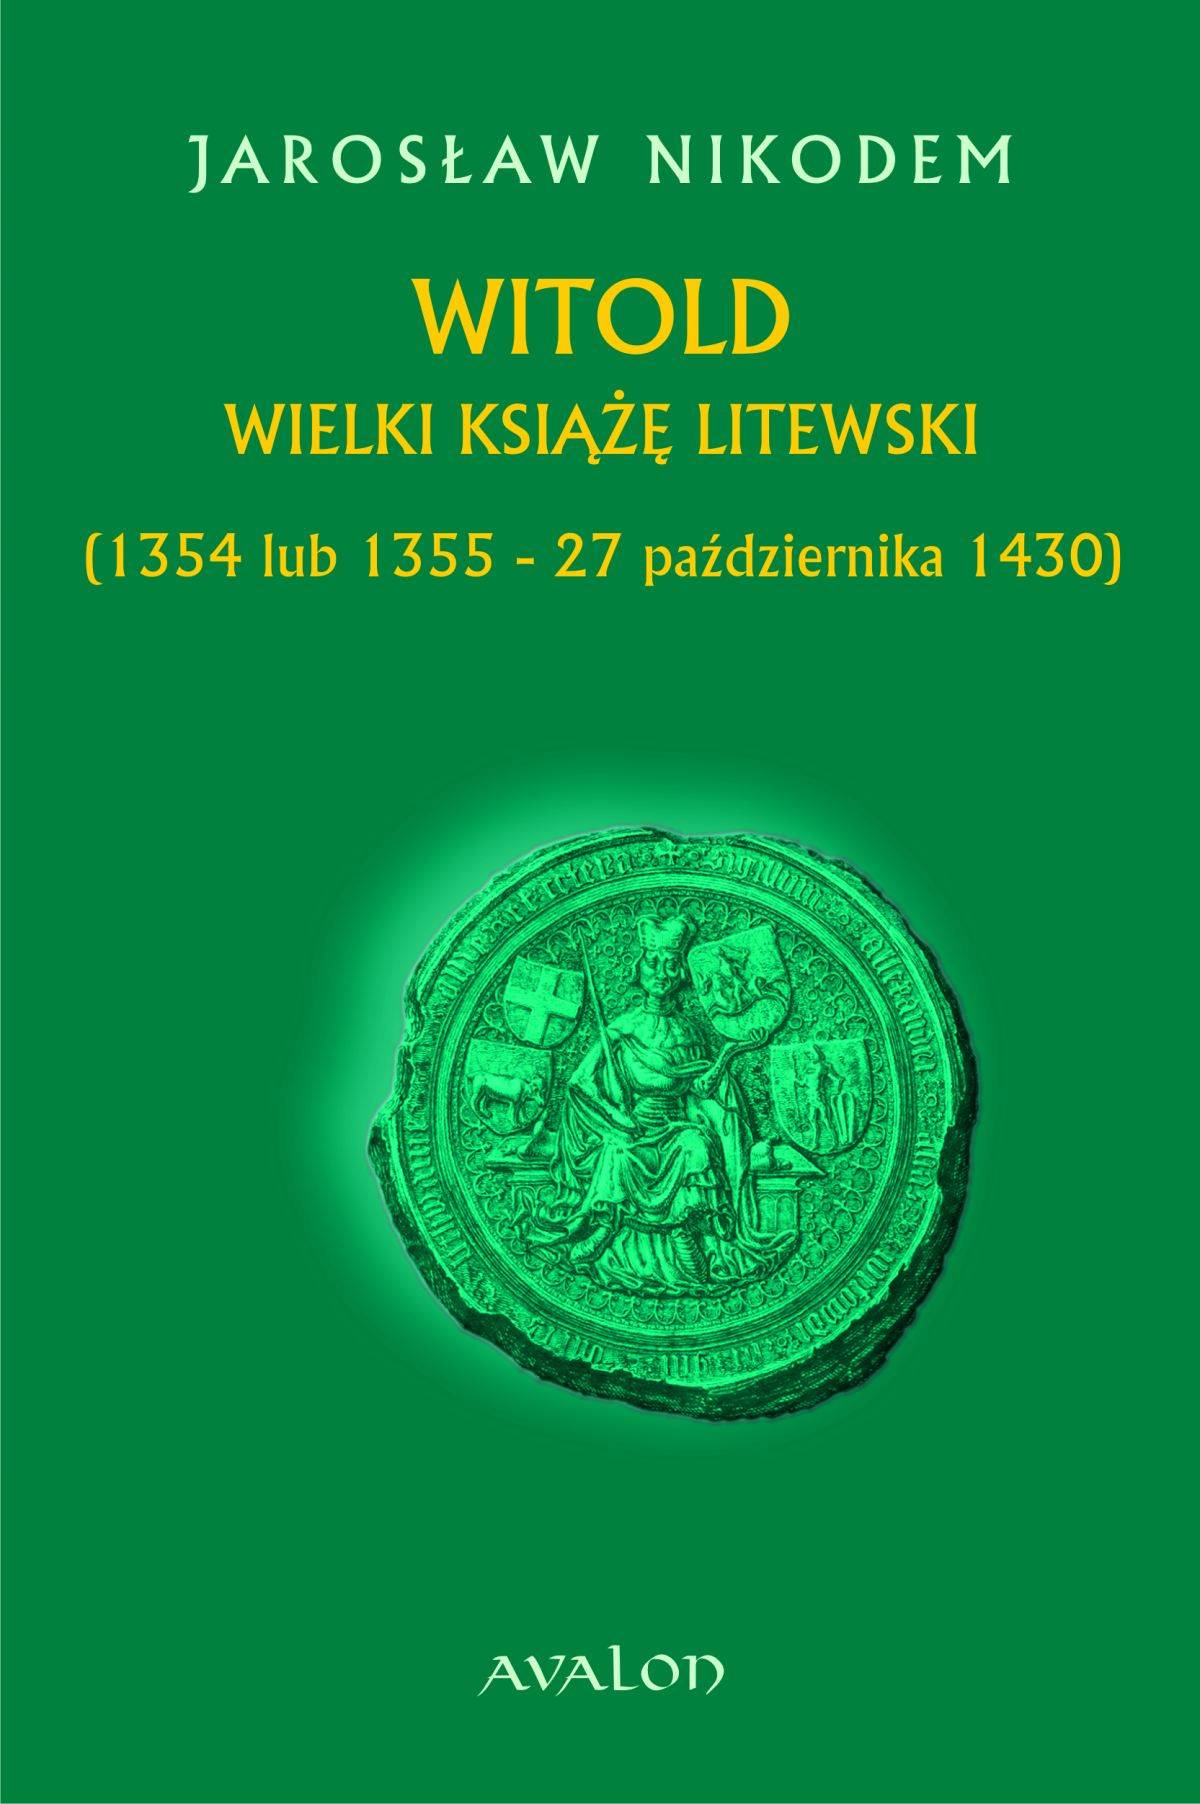 Witold Wielki Książę Litewski (1354 lub 1355 - 27 października 1430) - Ebook (Książka PDF) do pobrania w formacie PDF